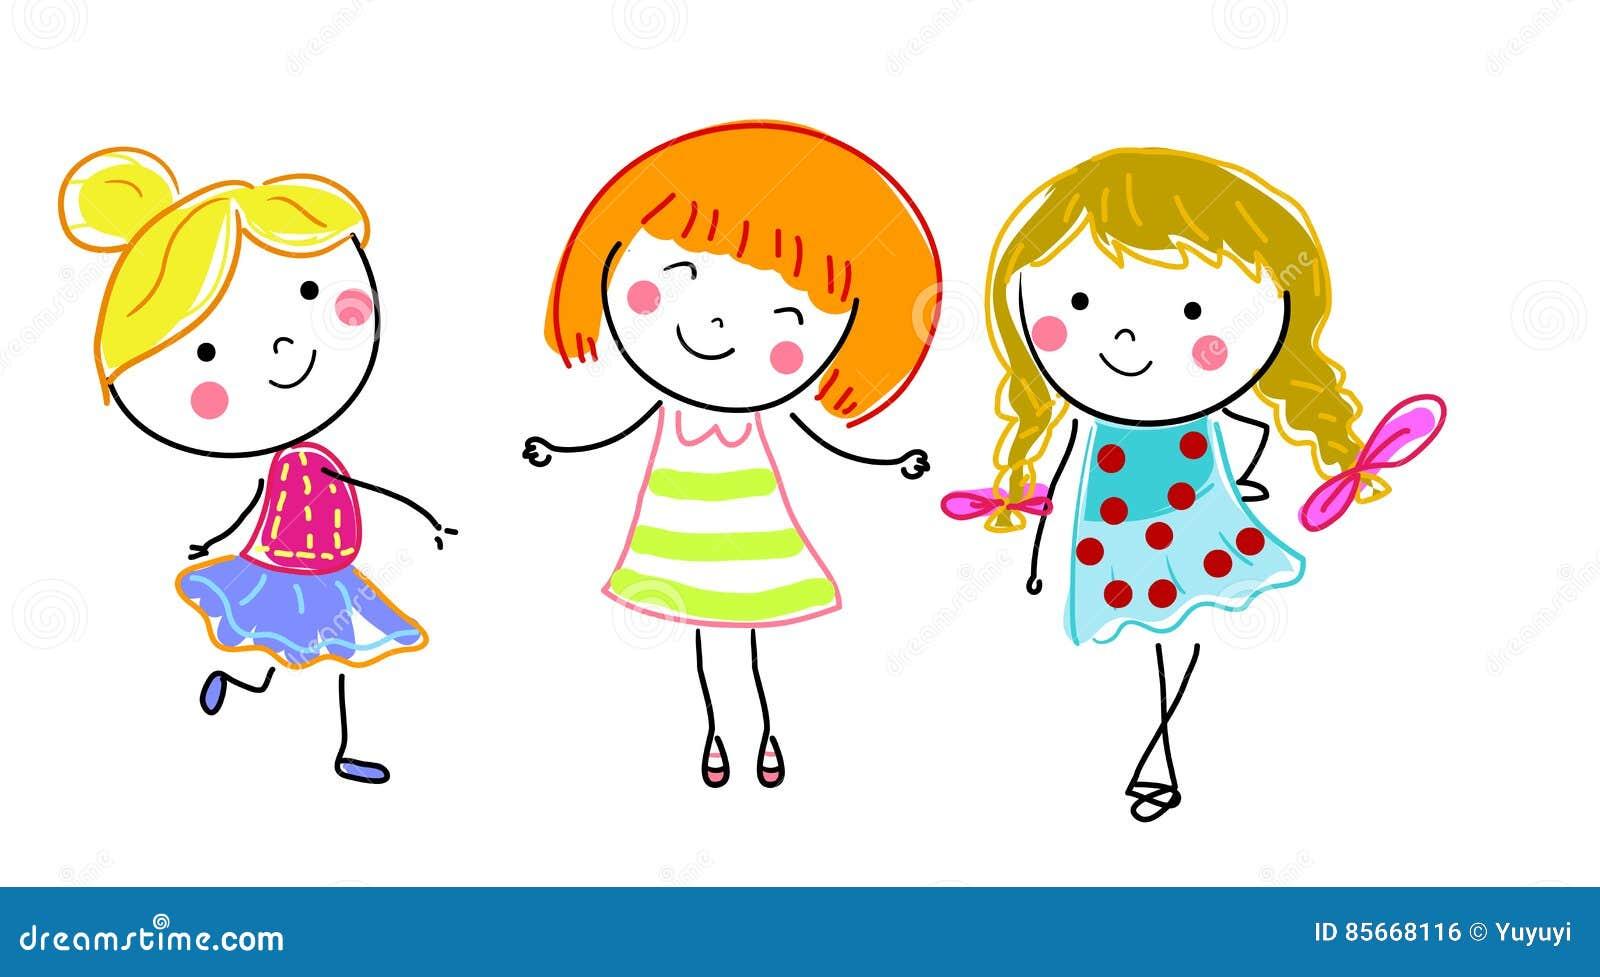 Groupe d 39 enfants croquis de dessin illustration de vecteur illustration du pi ce simple - Dessin groupe d enfants ...